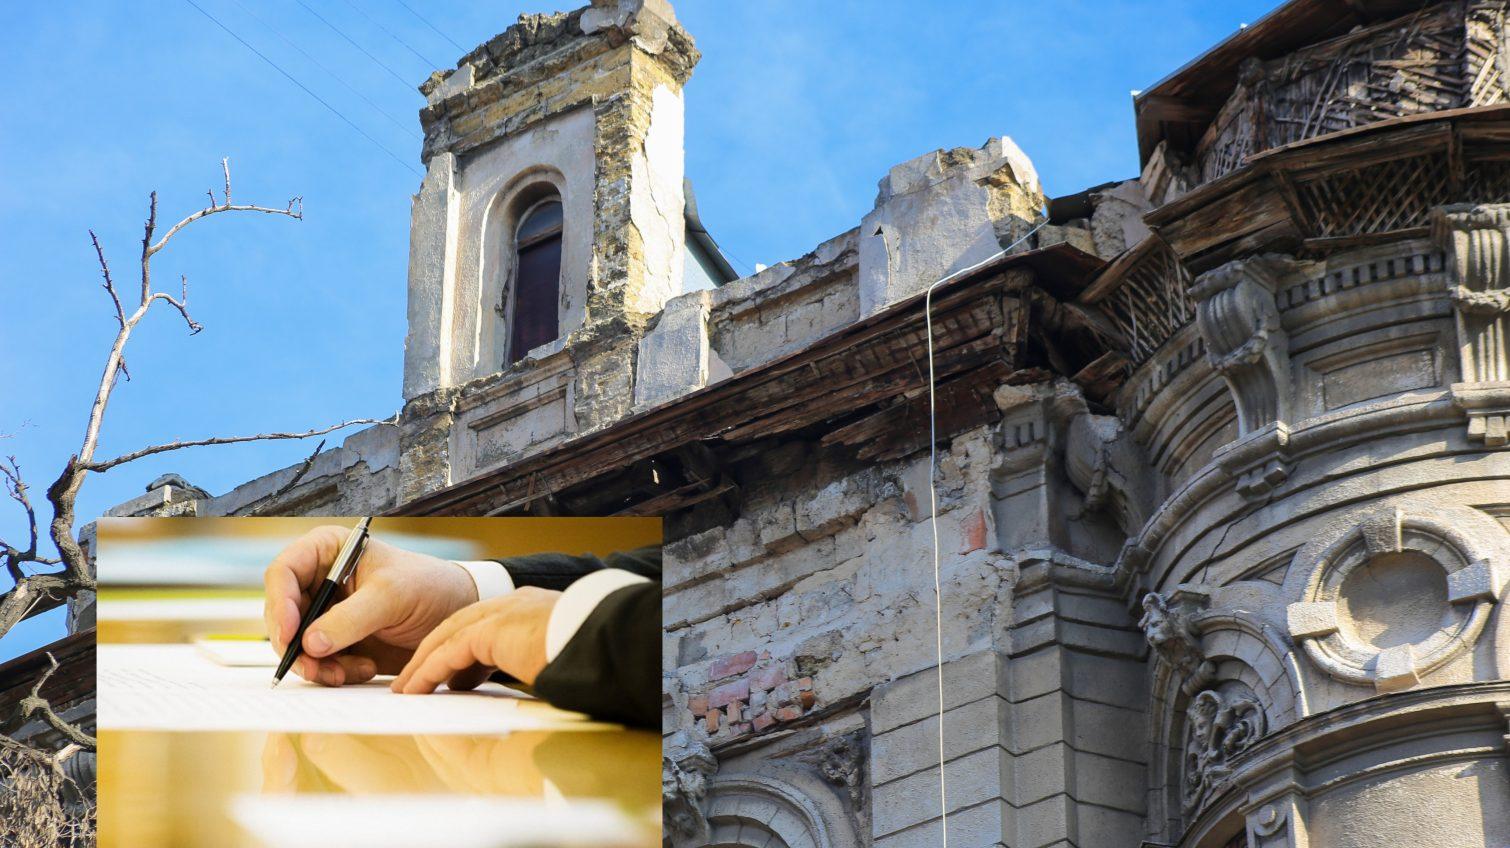 Шанс на сохранение памятников архитектуры: Президент Украины подписал указ, поддерживающий реставрацию «фото»